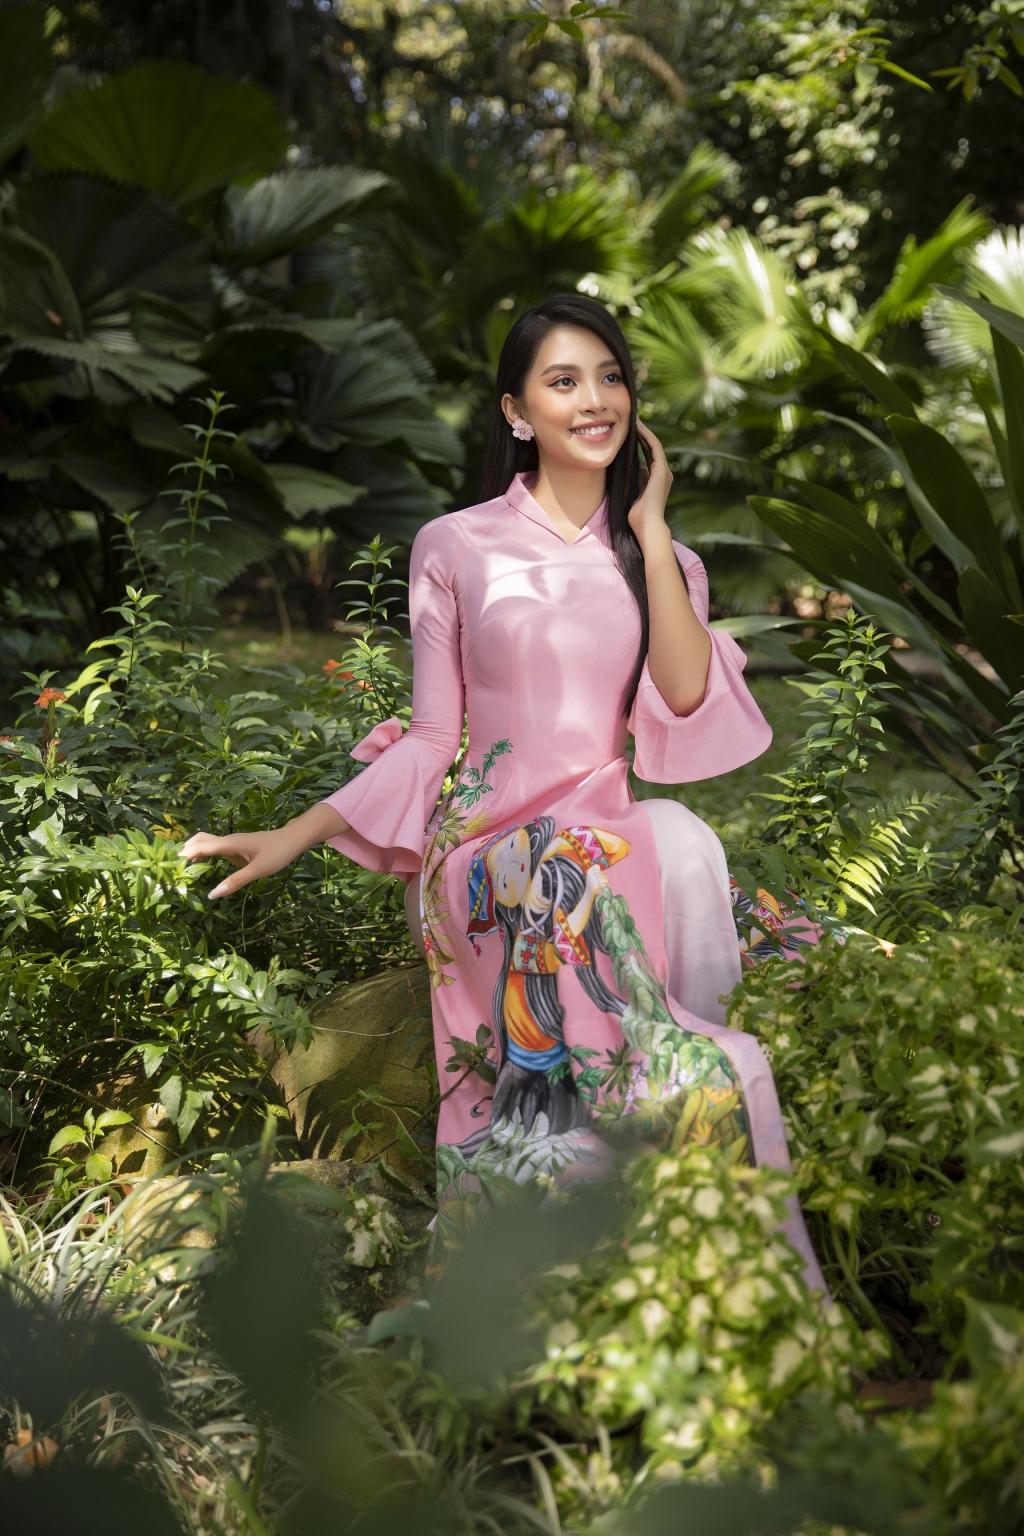 Hoa hậu Tiểu Vy tiết lộ xu hướng áo dài Tết 'hot trend' năm nay